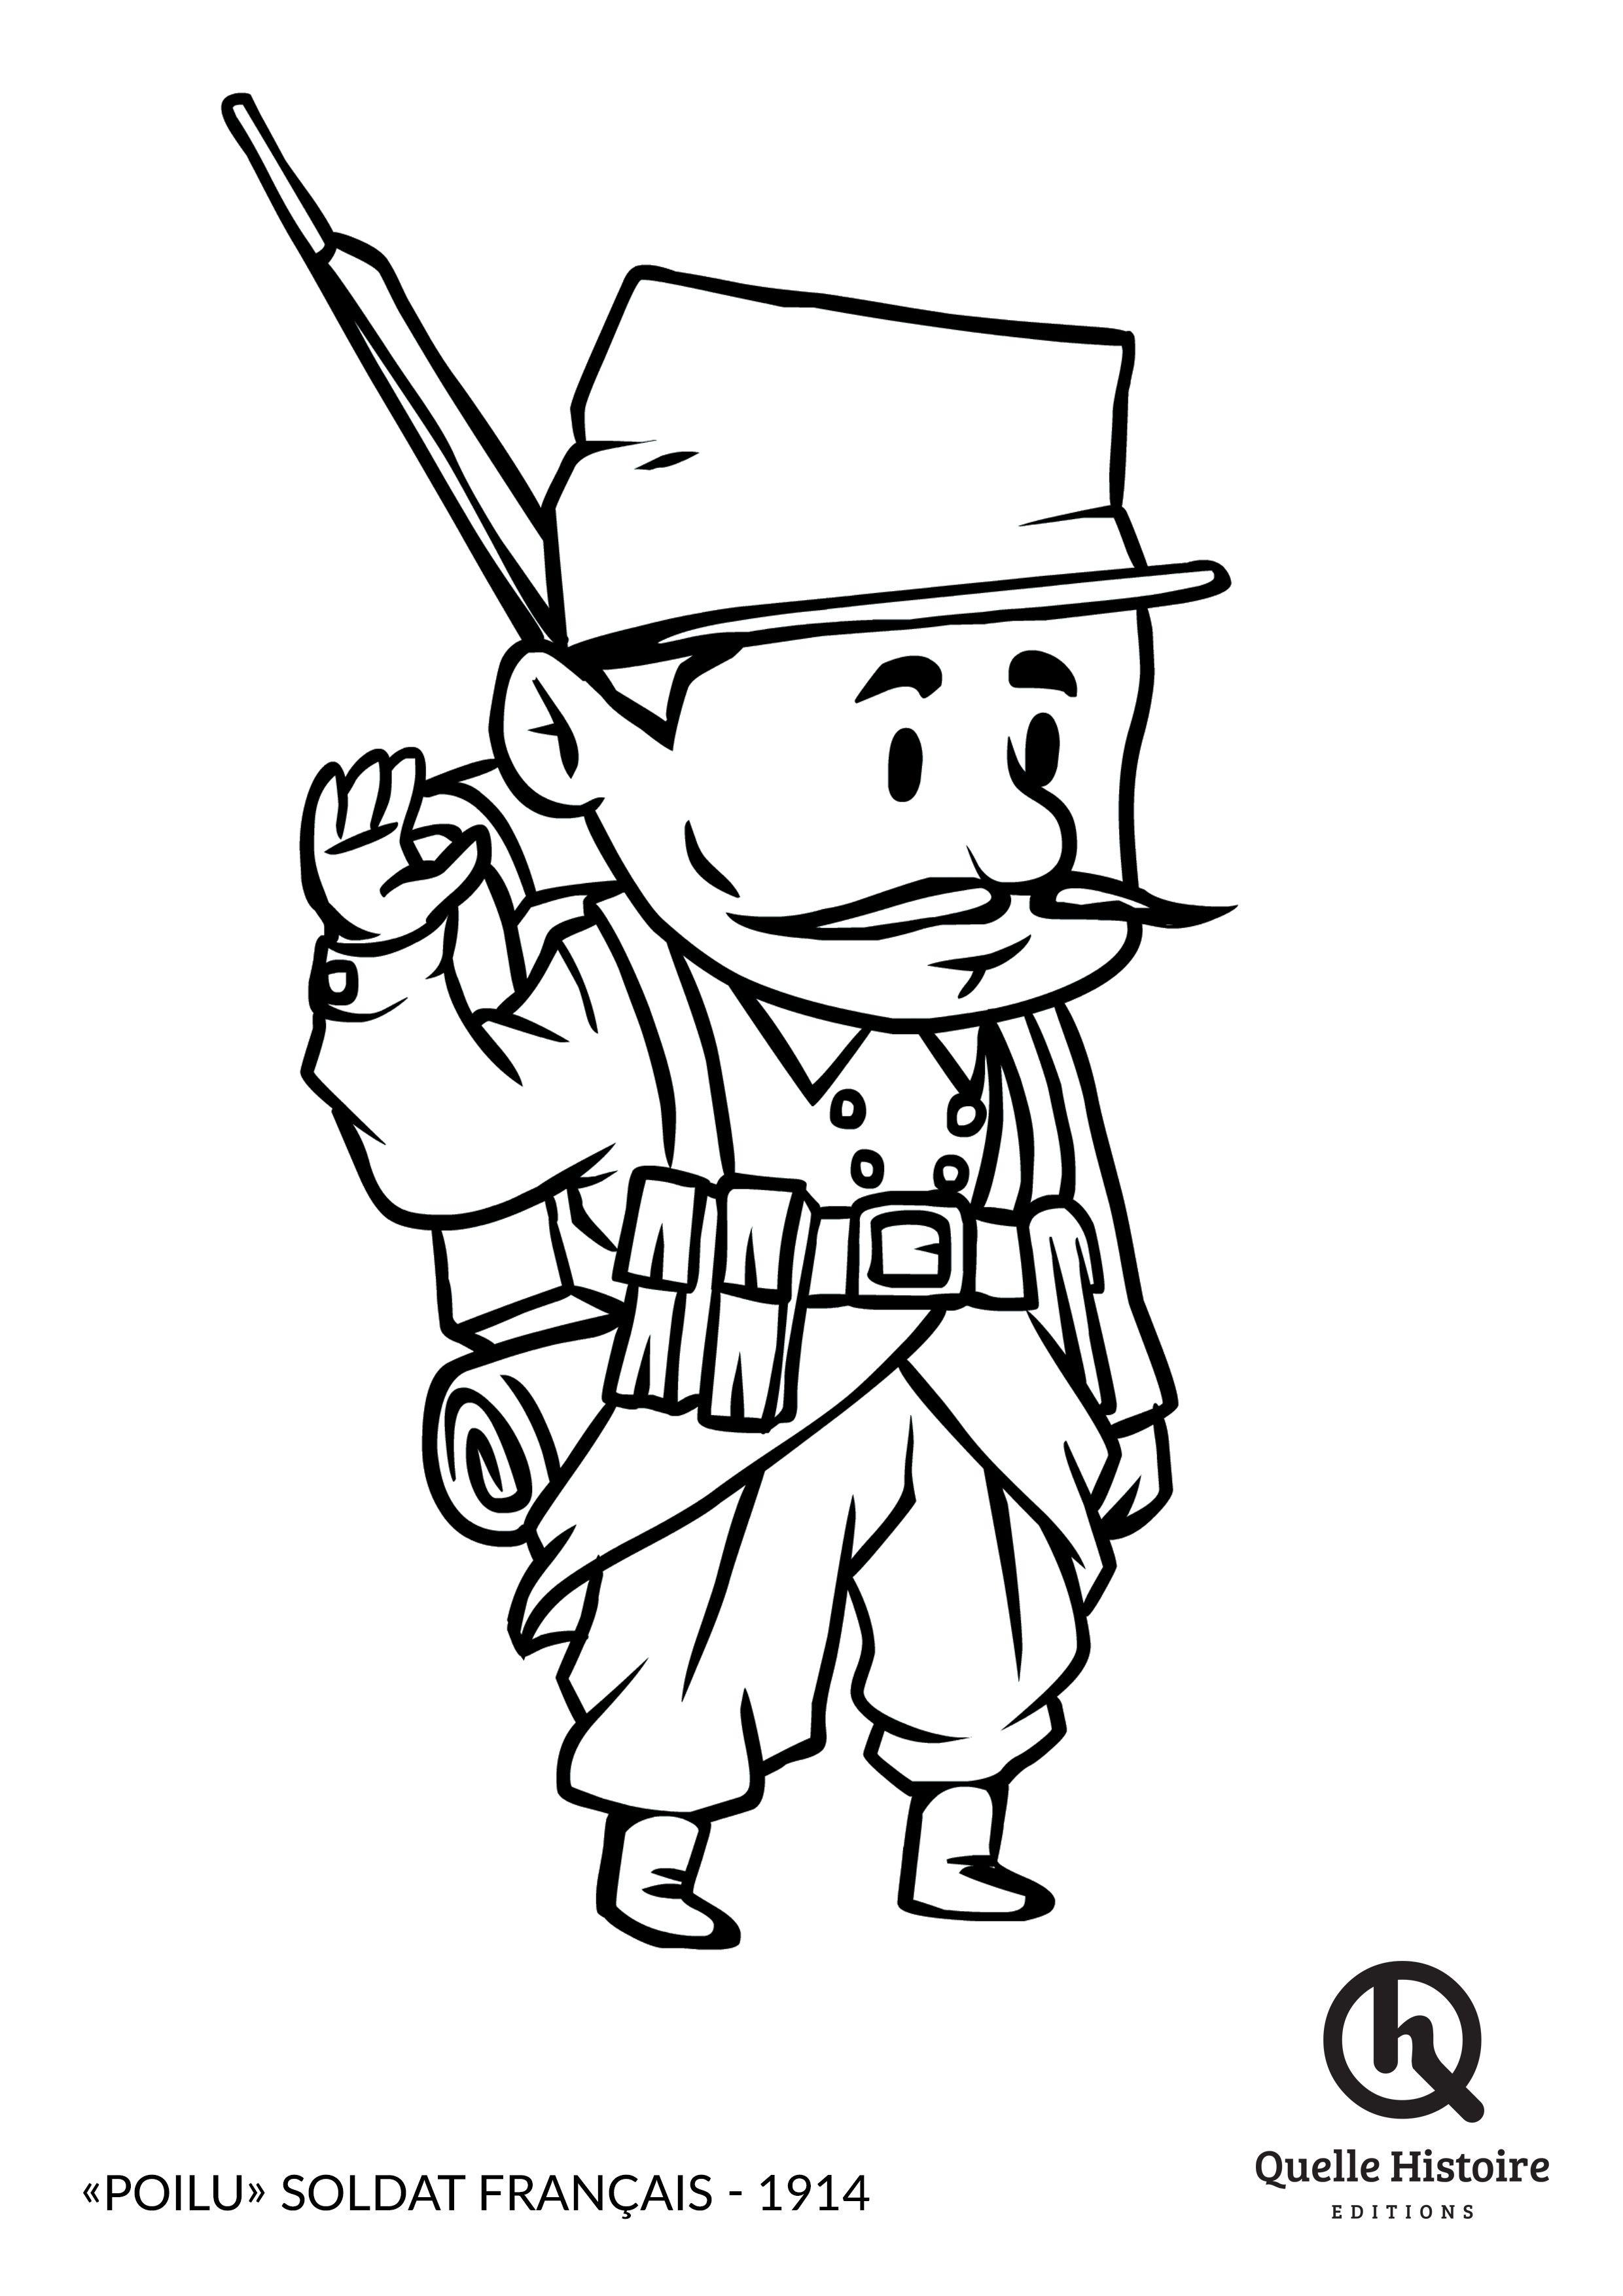 Coloriage Soldat Anglais.Le Poilu Soldat Francais En 1914 Coloriage Quelle Histoire